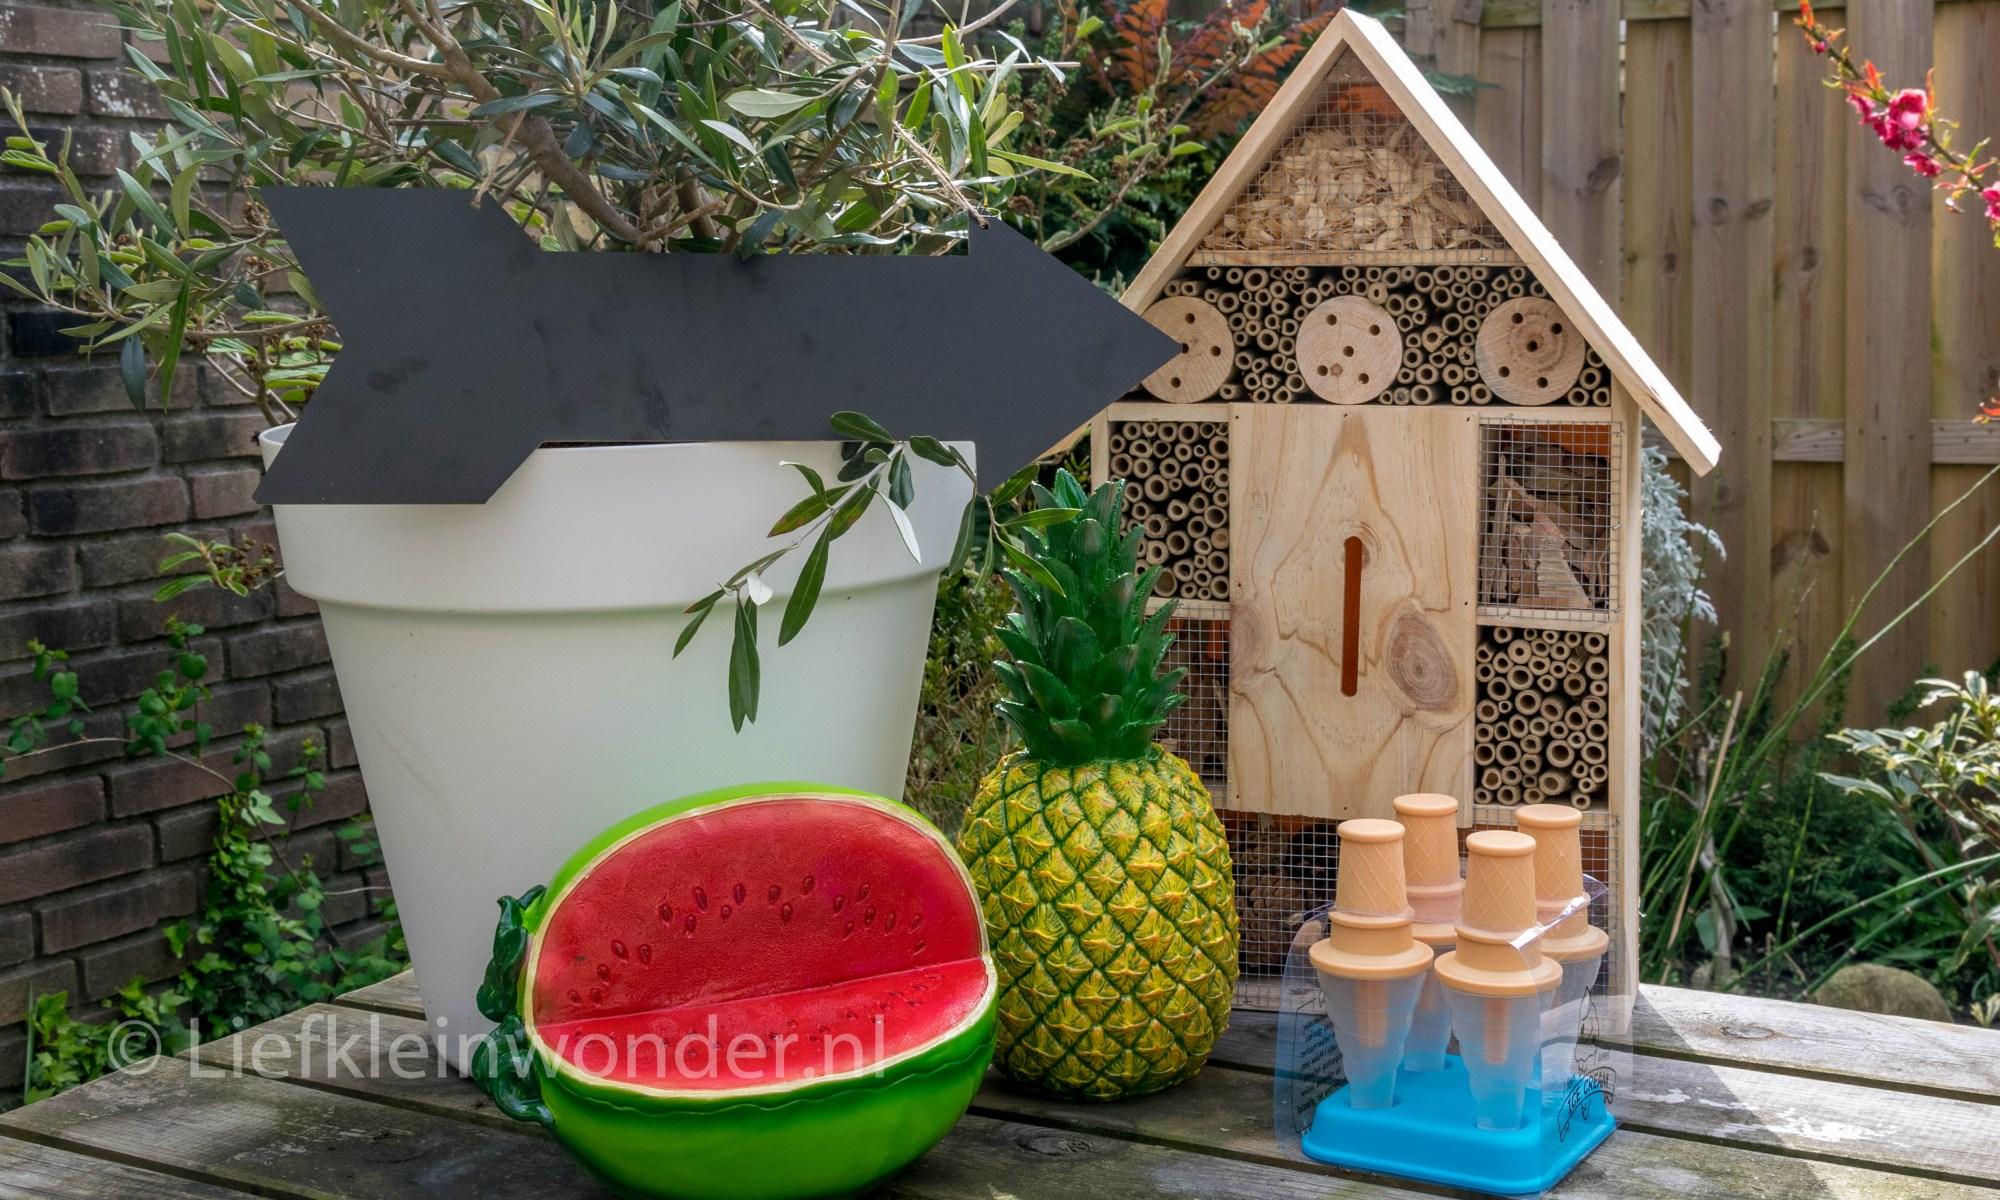 Action aankopen: bloempot, decoratie ananas en watermeloen, insectenhotel, krijtbord pijl, ijslolly vorm